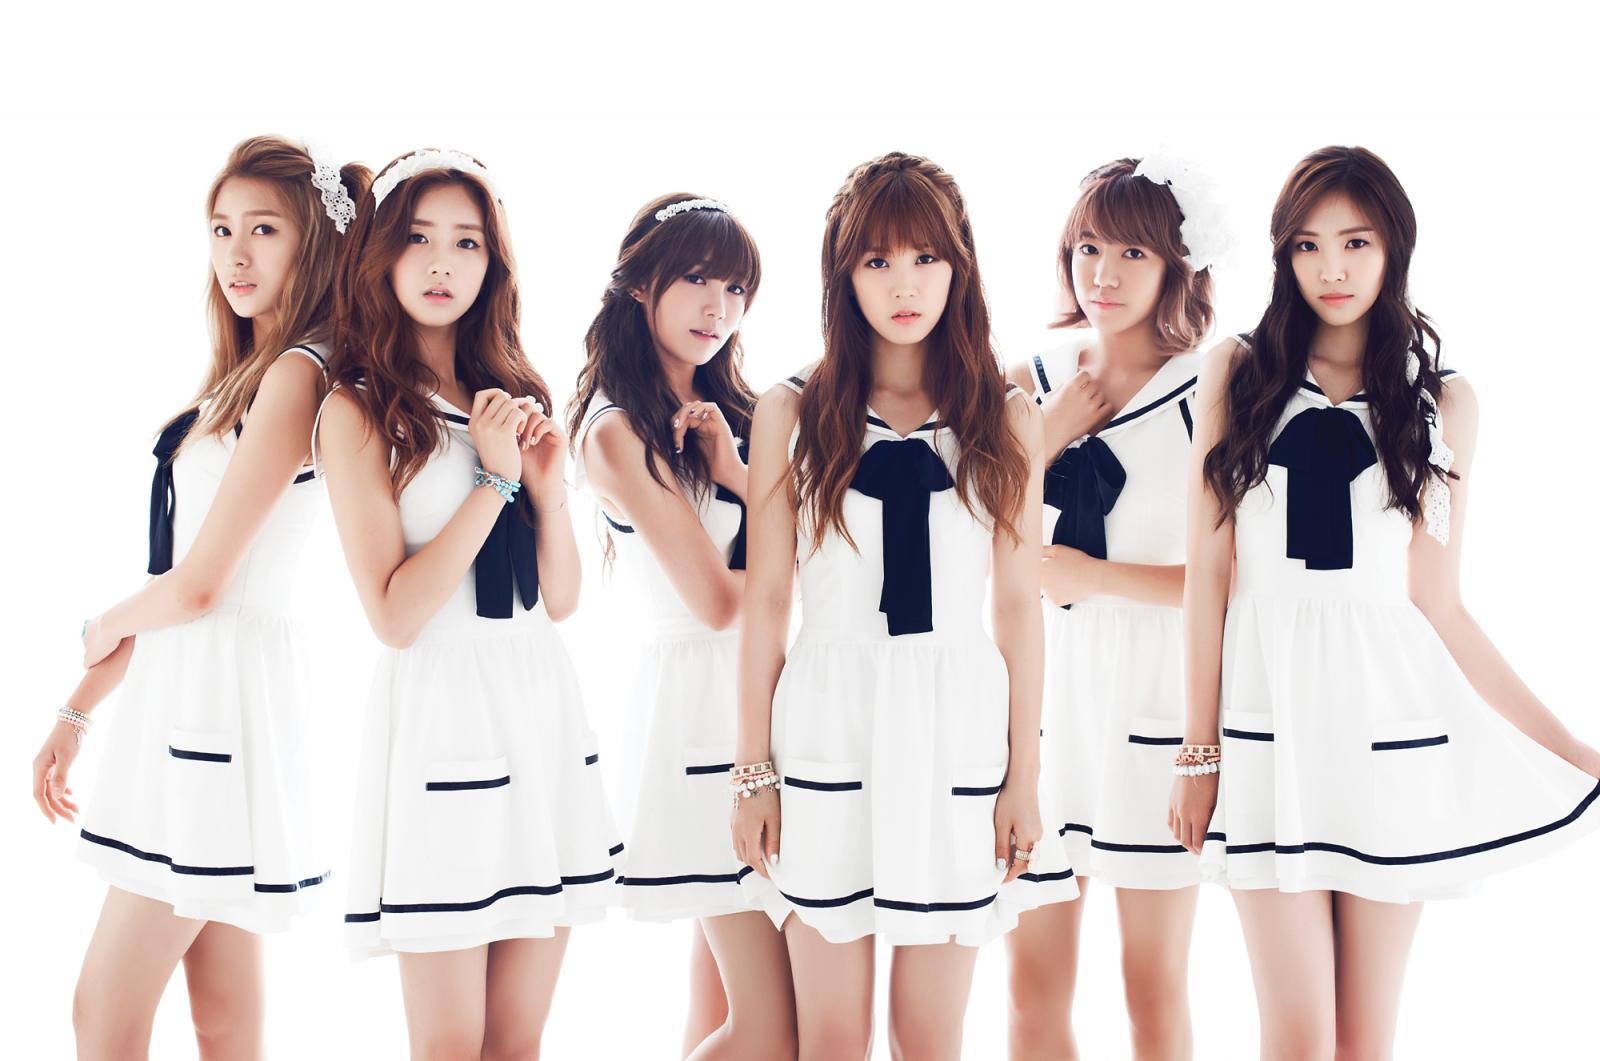 Nào có ai ngờ sẽ bắt gặp dấu vết của các idol Hàn tại... tiệm giặt là - Ảnh 4.